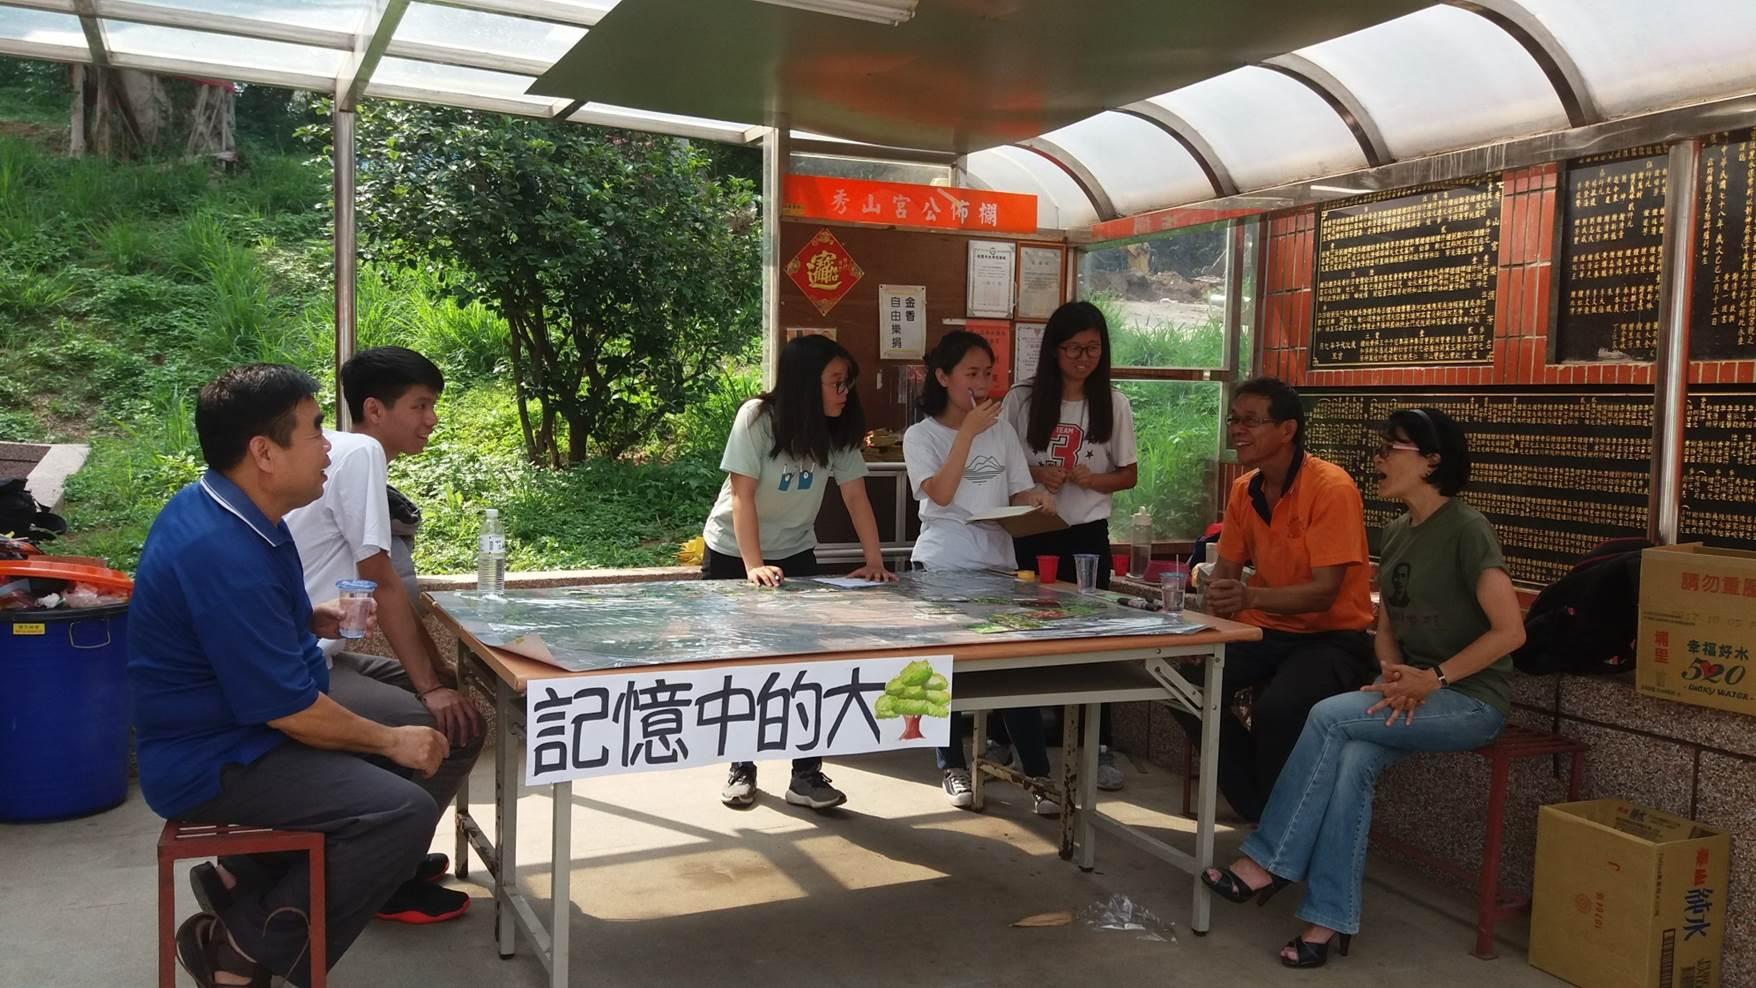 中原大學景觀系師生執行「大樹教室」課程,為八德區霄裡社區民眾重新美化環境.jpg